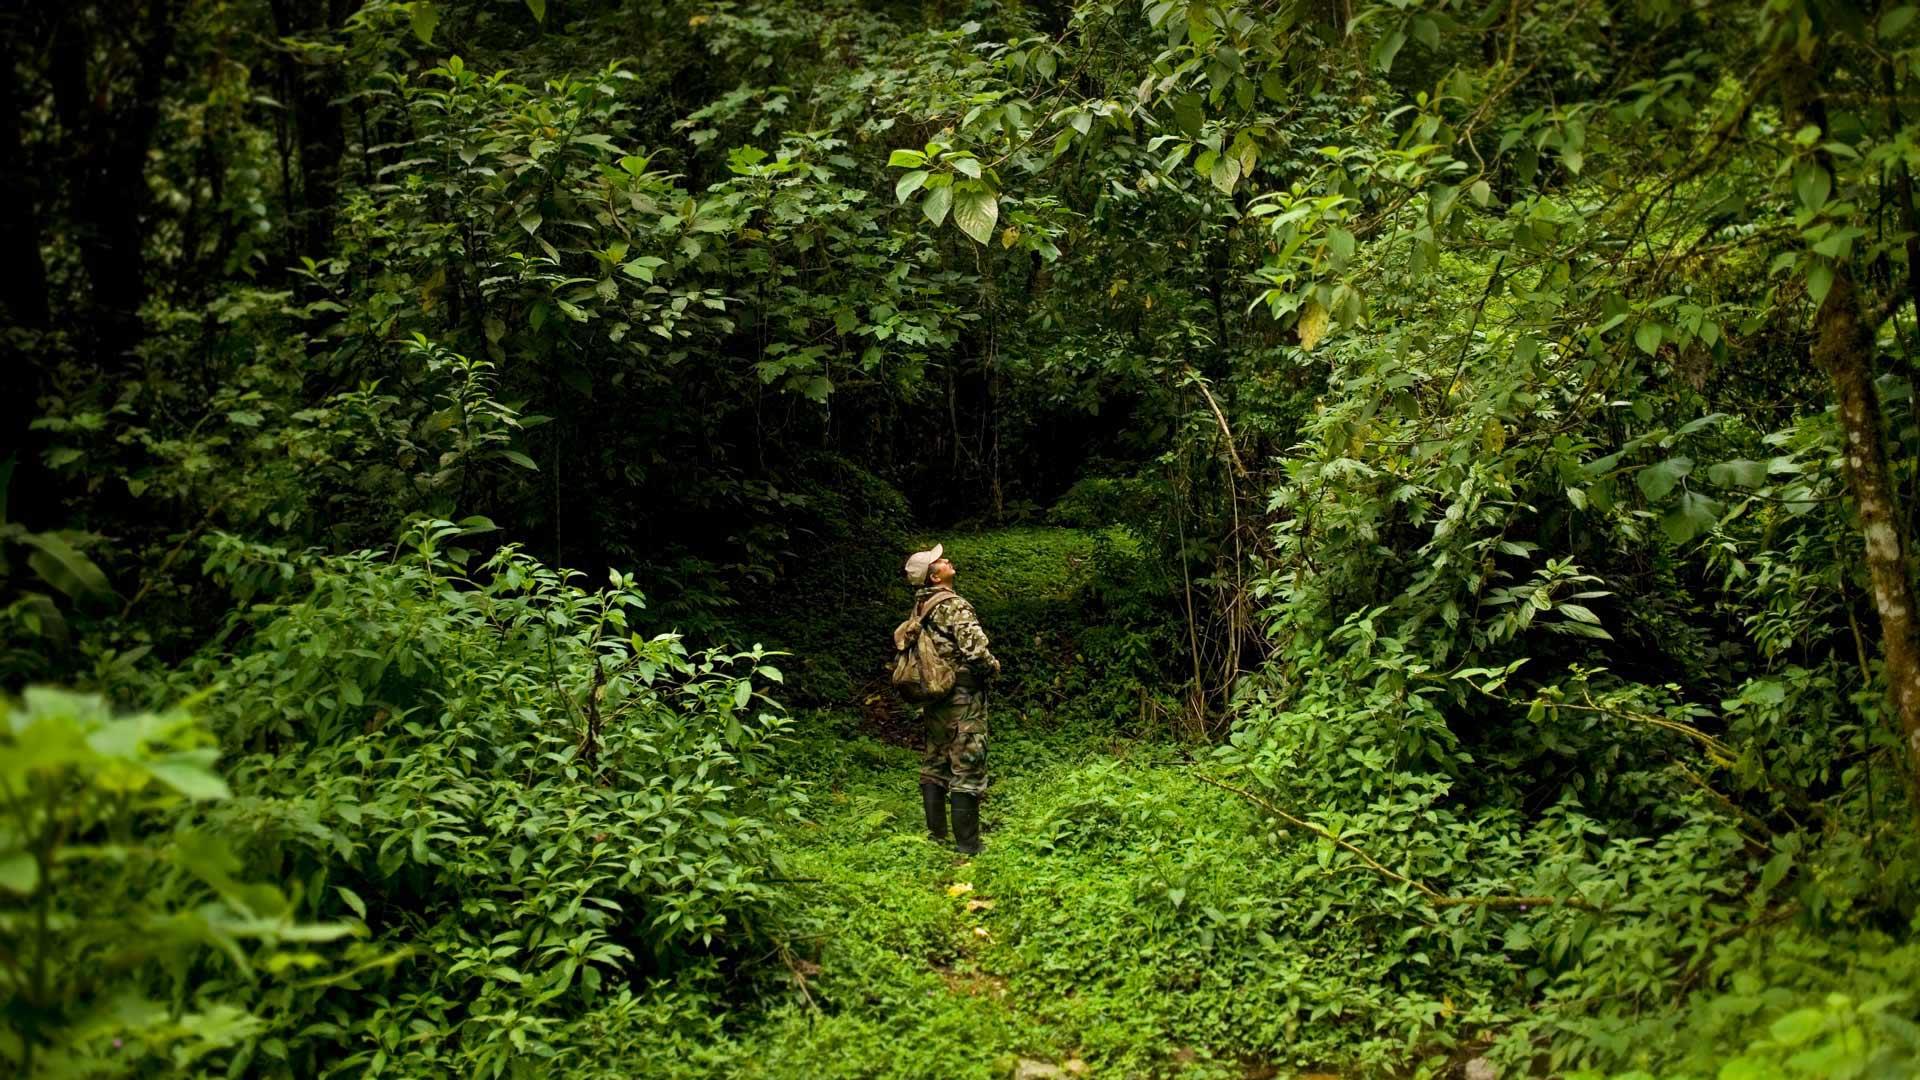 「ジャングルの中のパークレンジャー」メキシコ, エル・トリウンフォ生物圏保護区 (© Chico Sanchez/Aurora Photos)